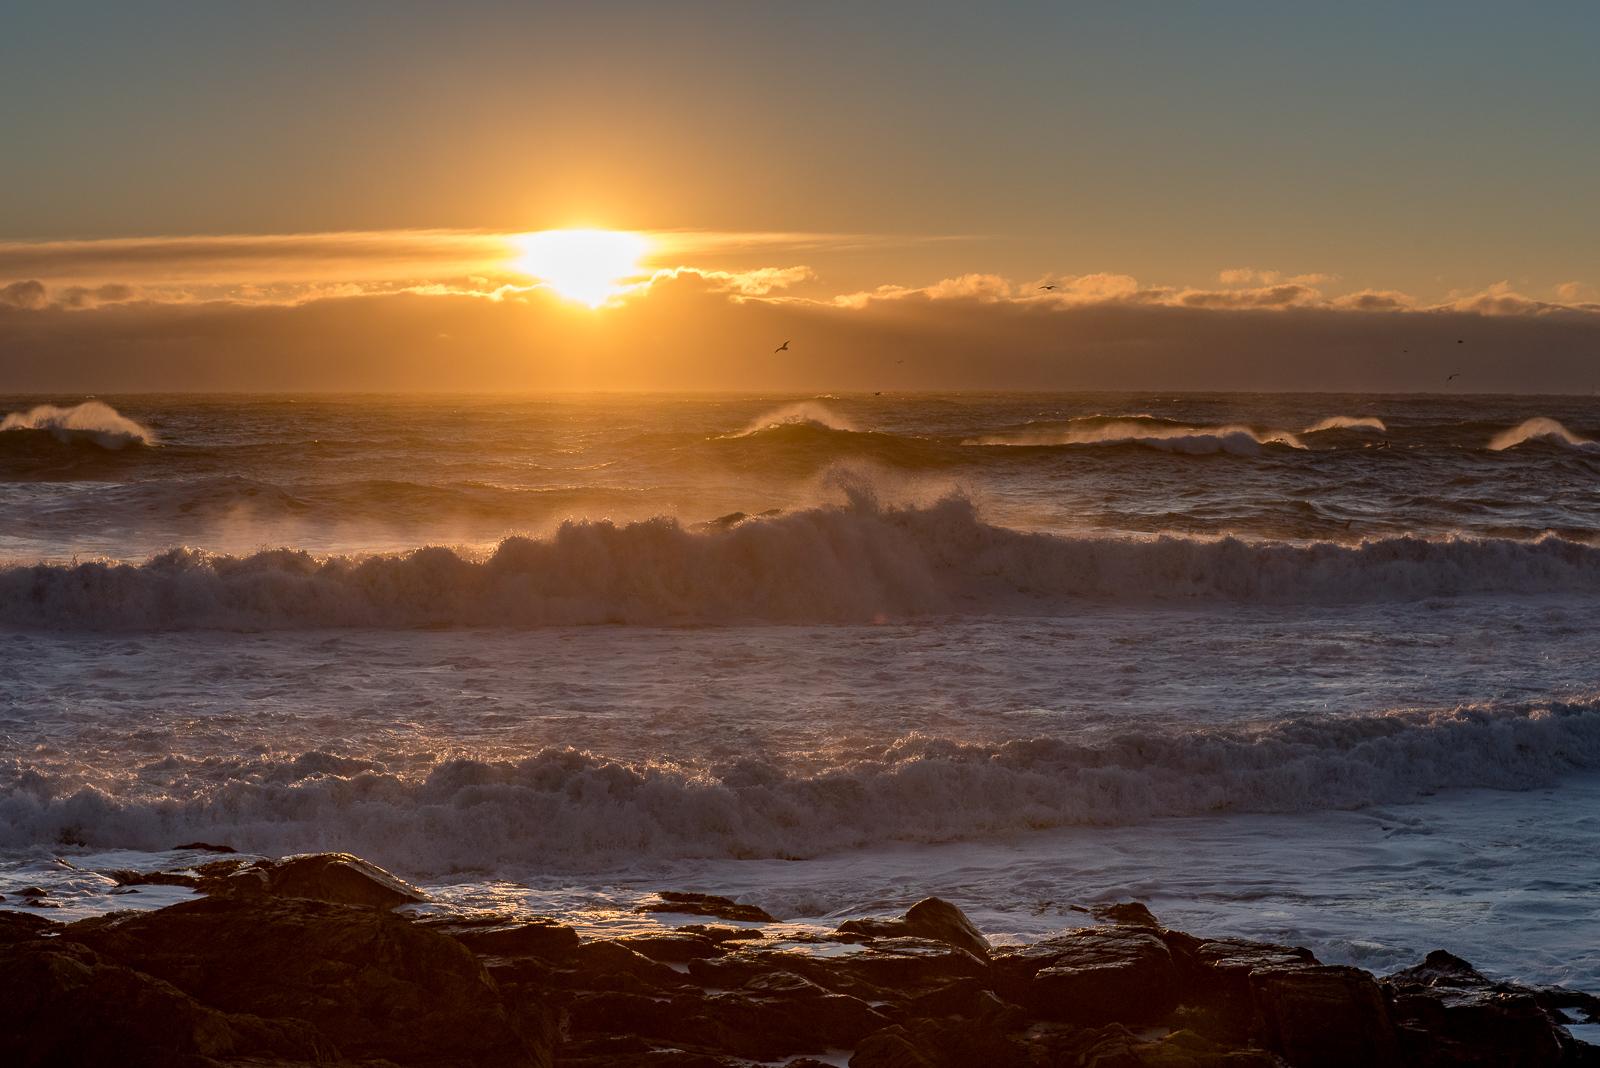 New England Photo Workshops, new england, maine, coast, maine coast, sunrise, photo